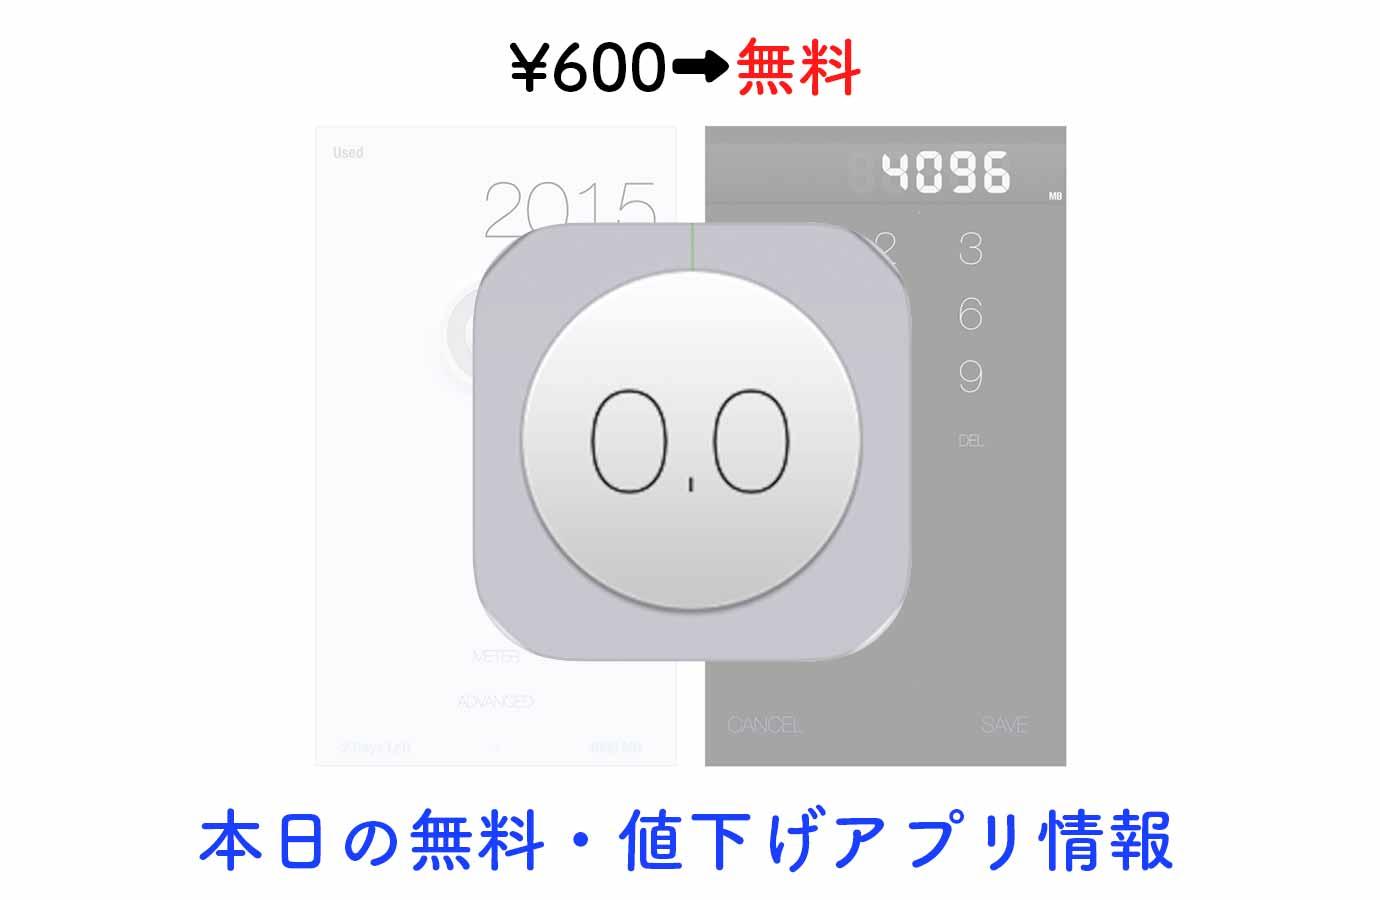 ¥600→無料、データ通信速度や通信量がわかるアプリ「Meter Robot」など【8/27】本日の無料・値下げアプリ情報